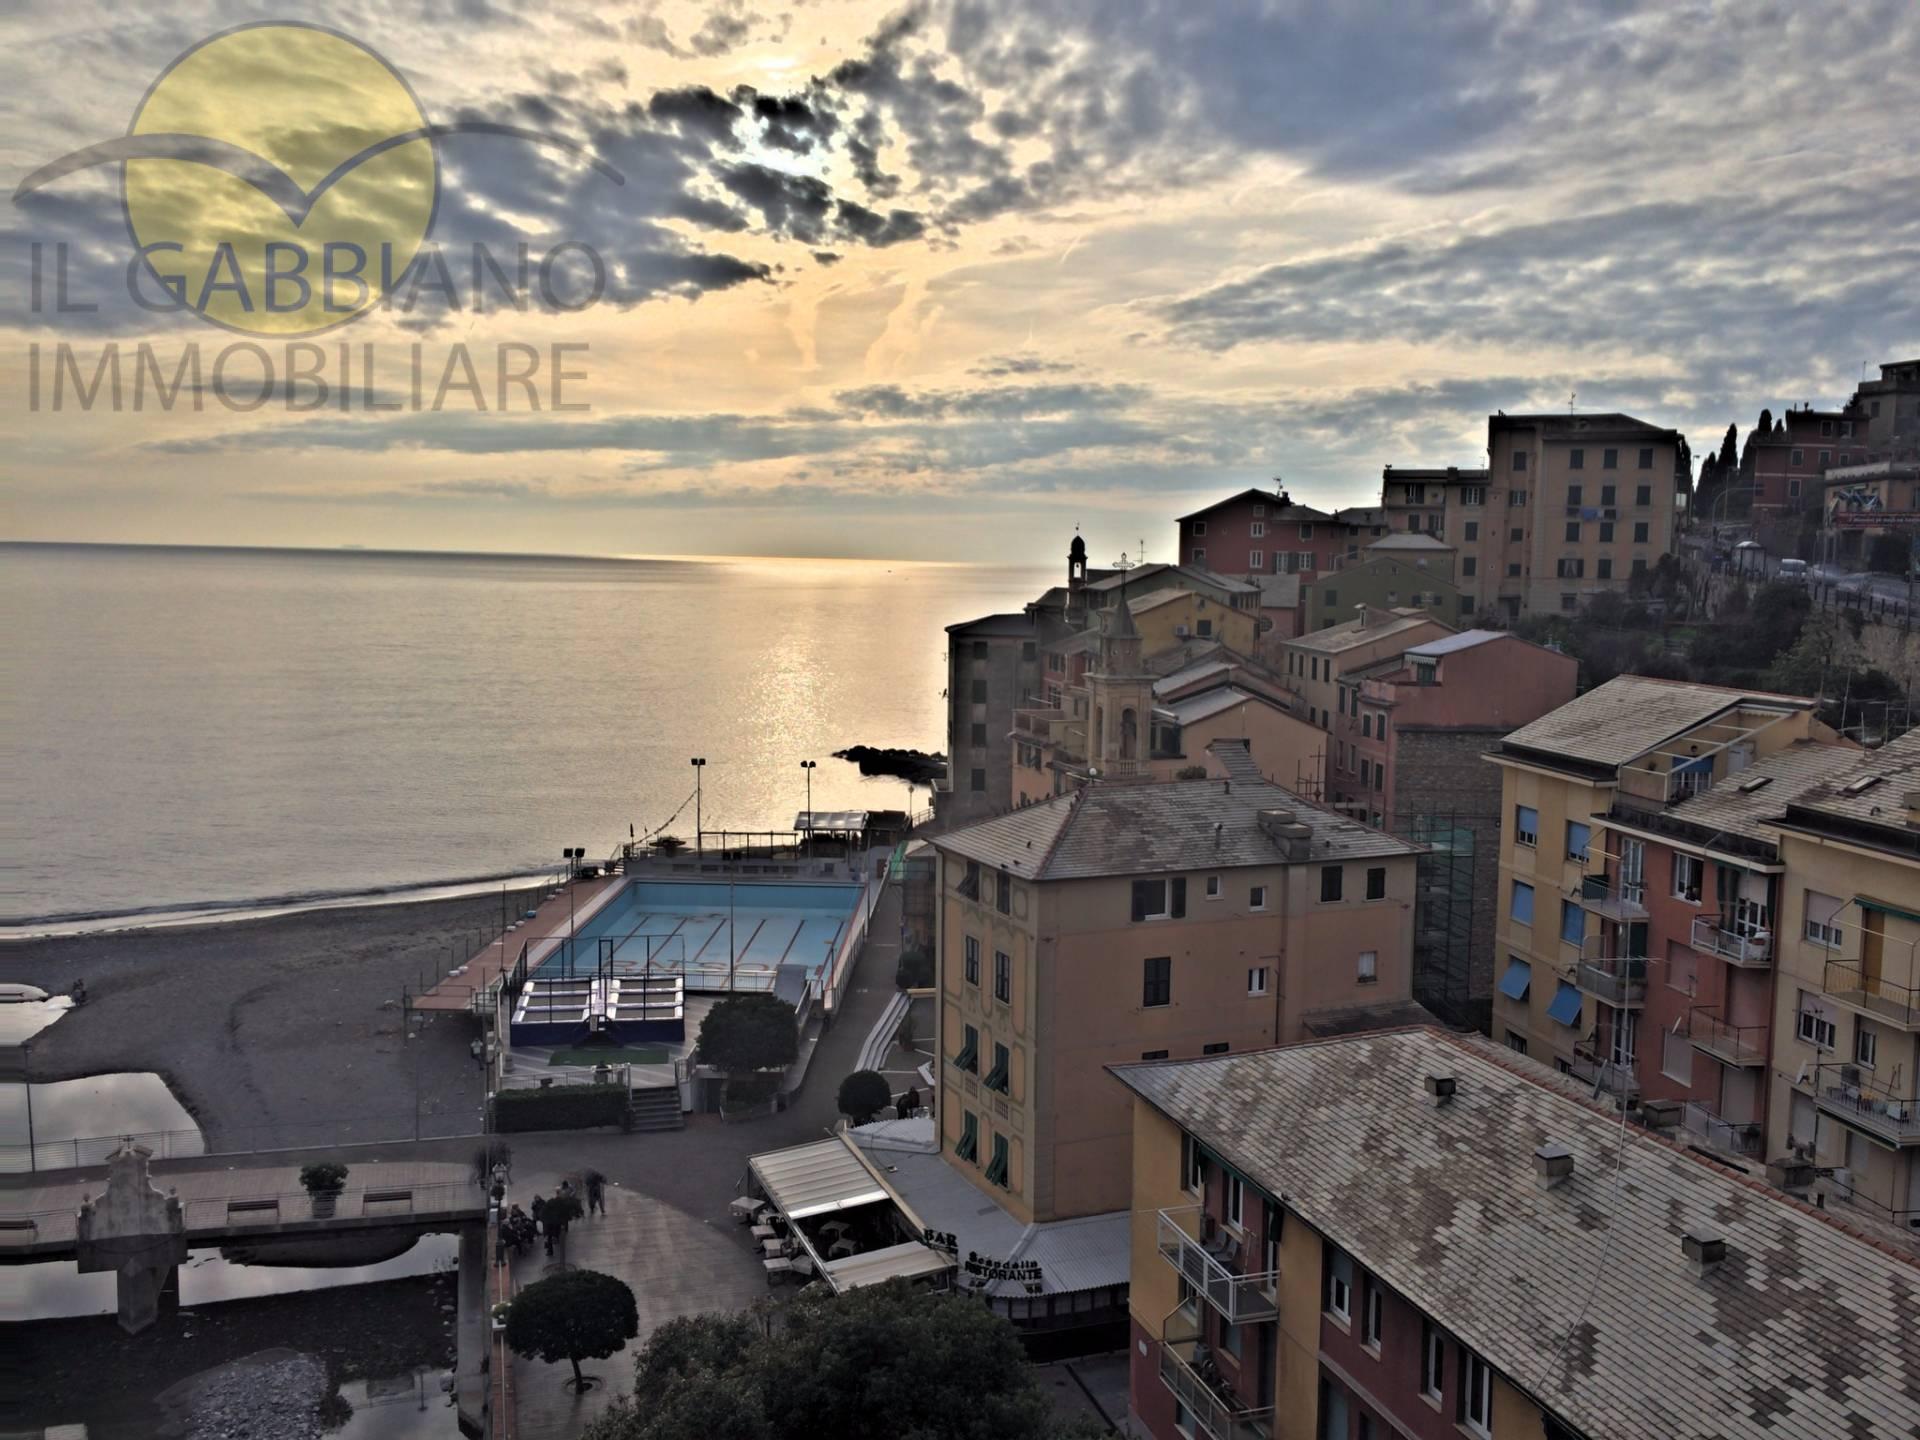 Appartamento in affitto a Sori, 6 locali, zona Località: centro, prezzo € 750 | Cambio Casa.it